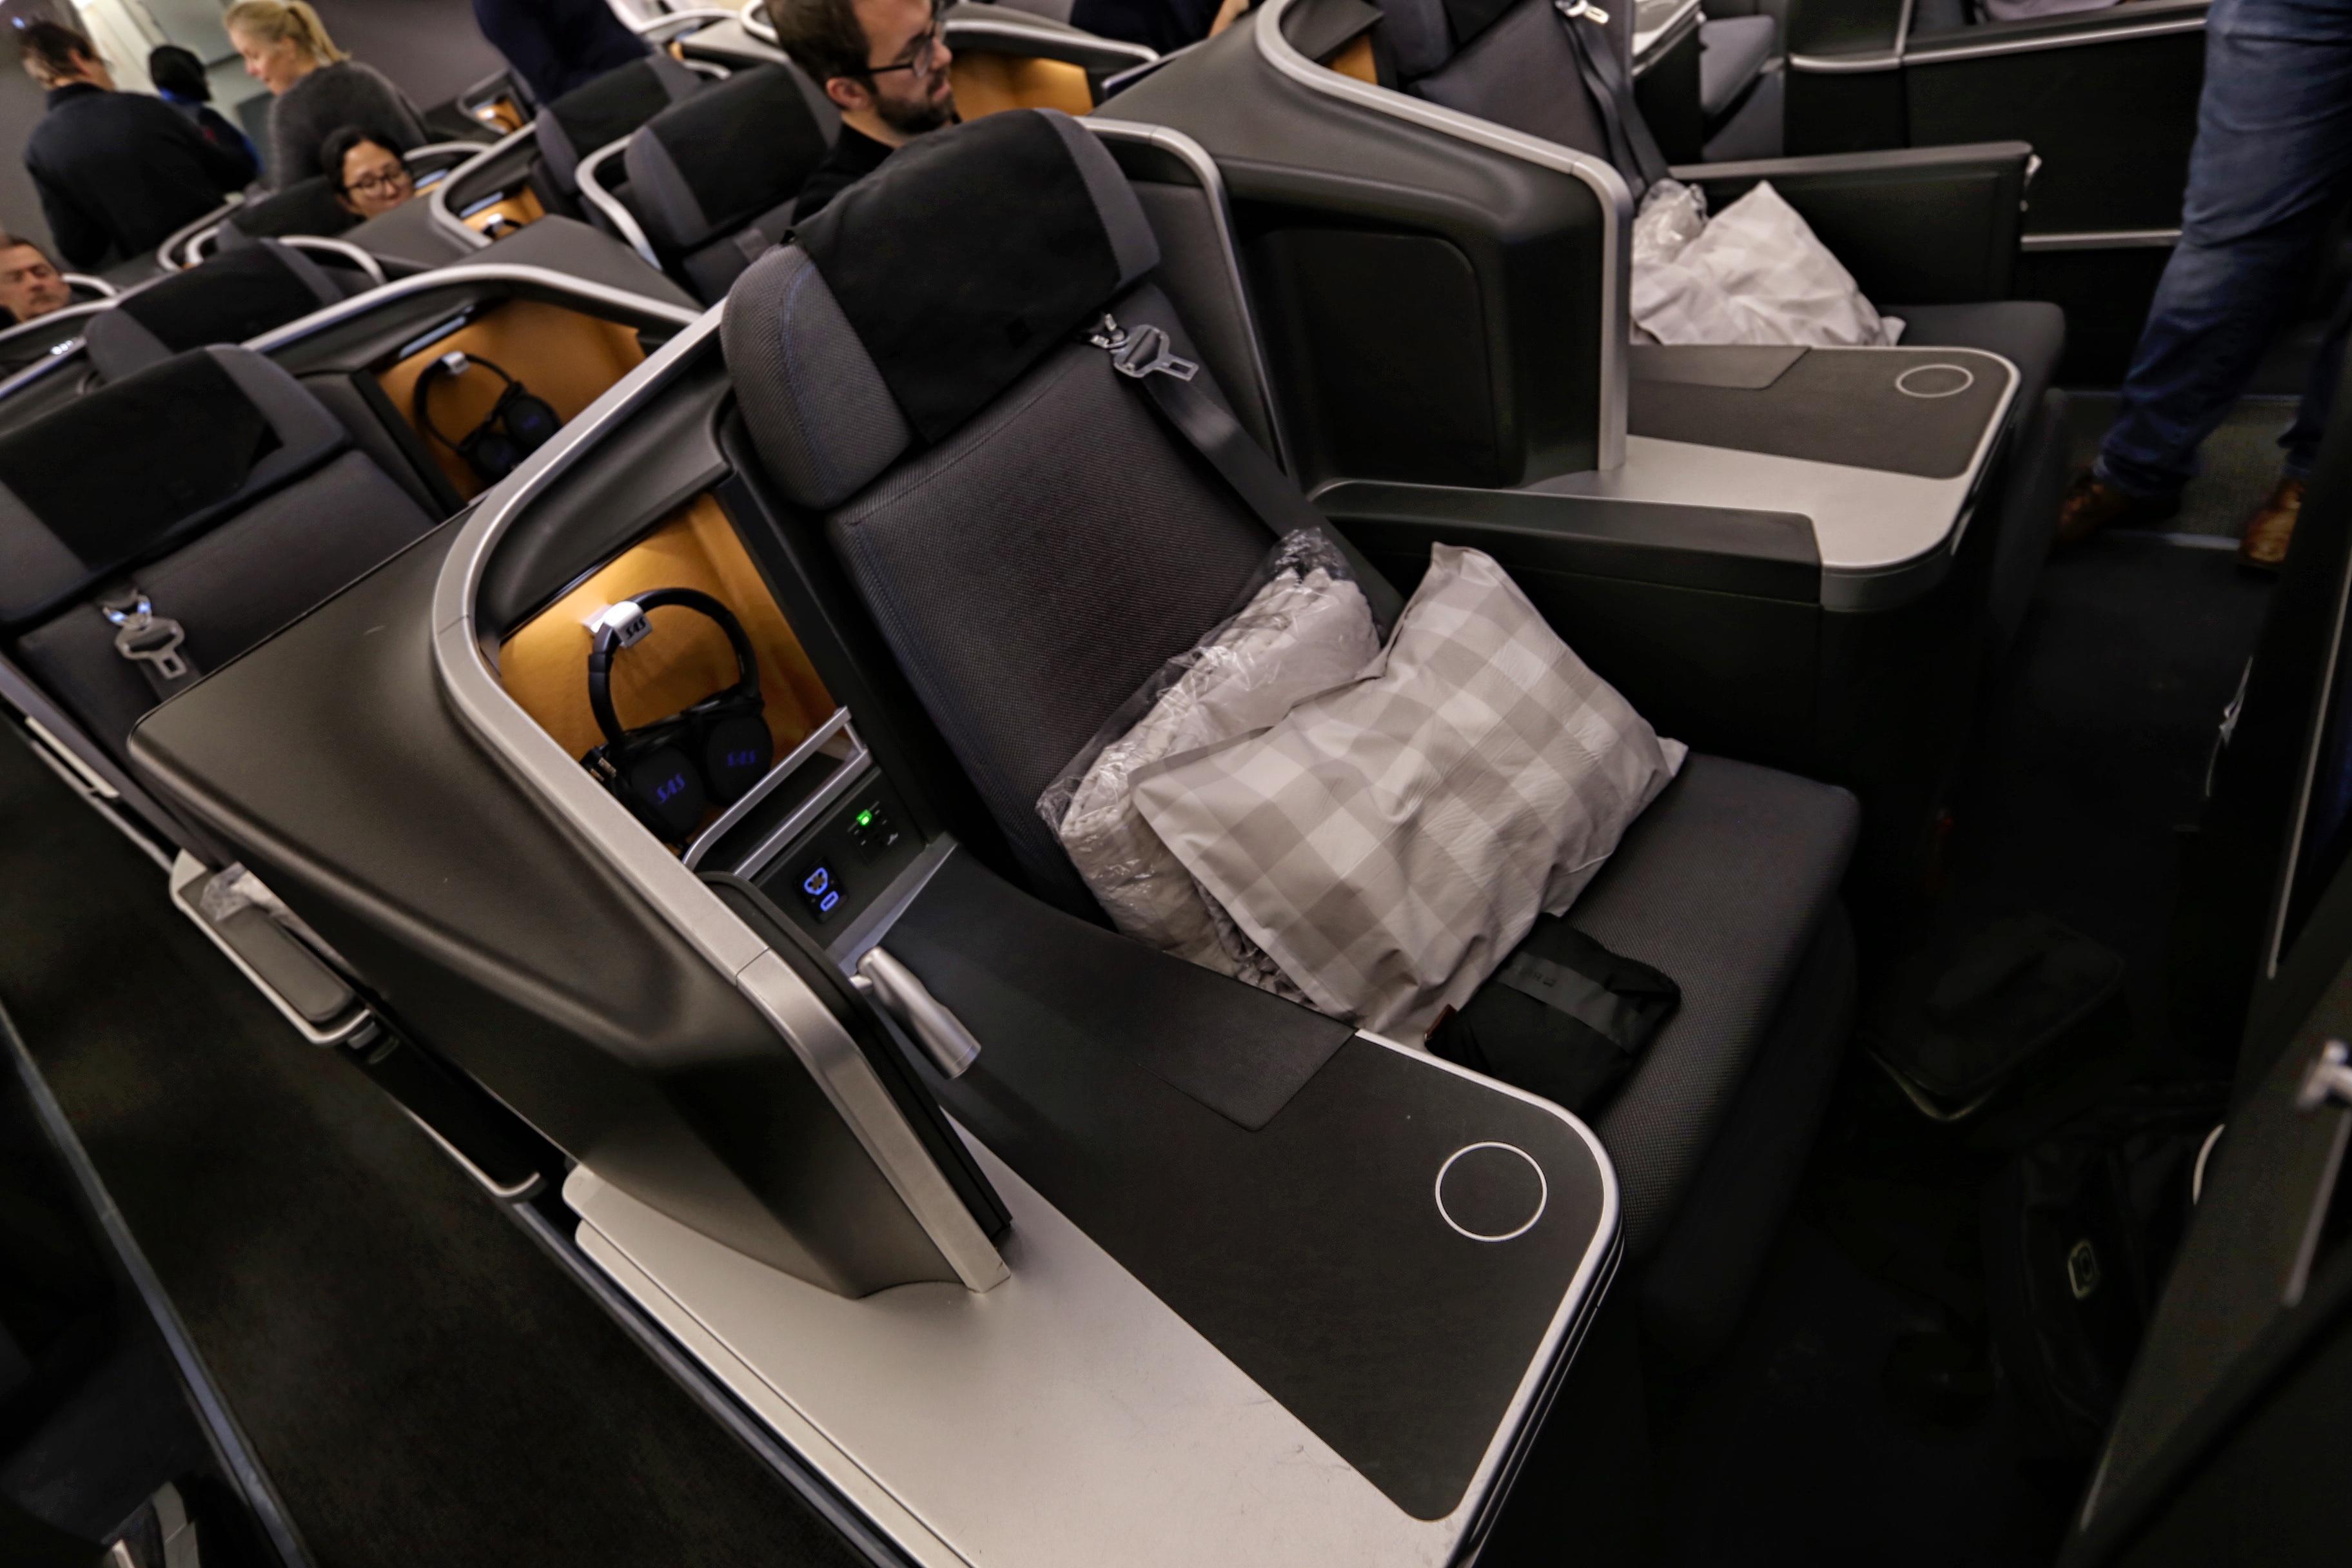 SAS business class seats